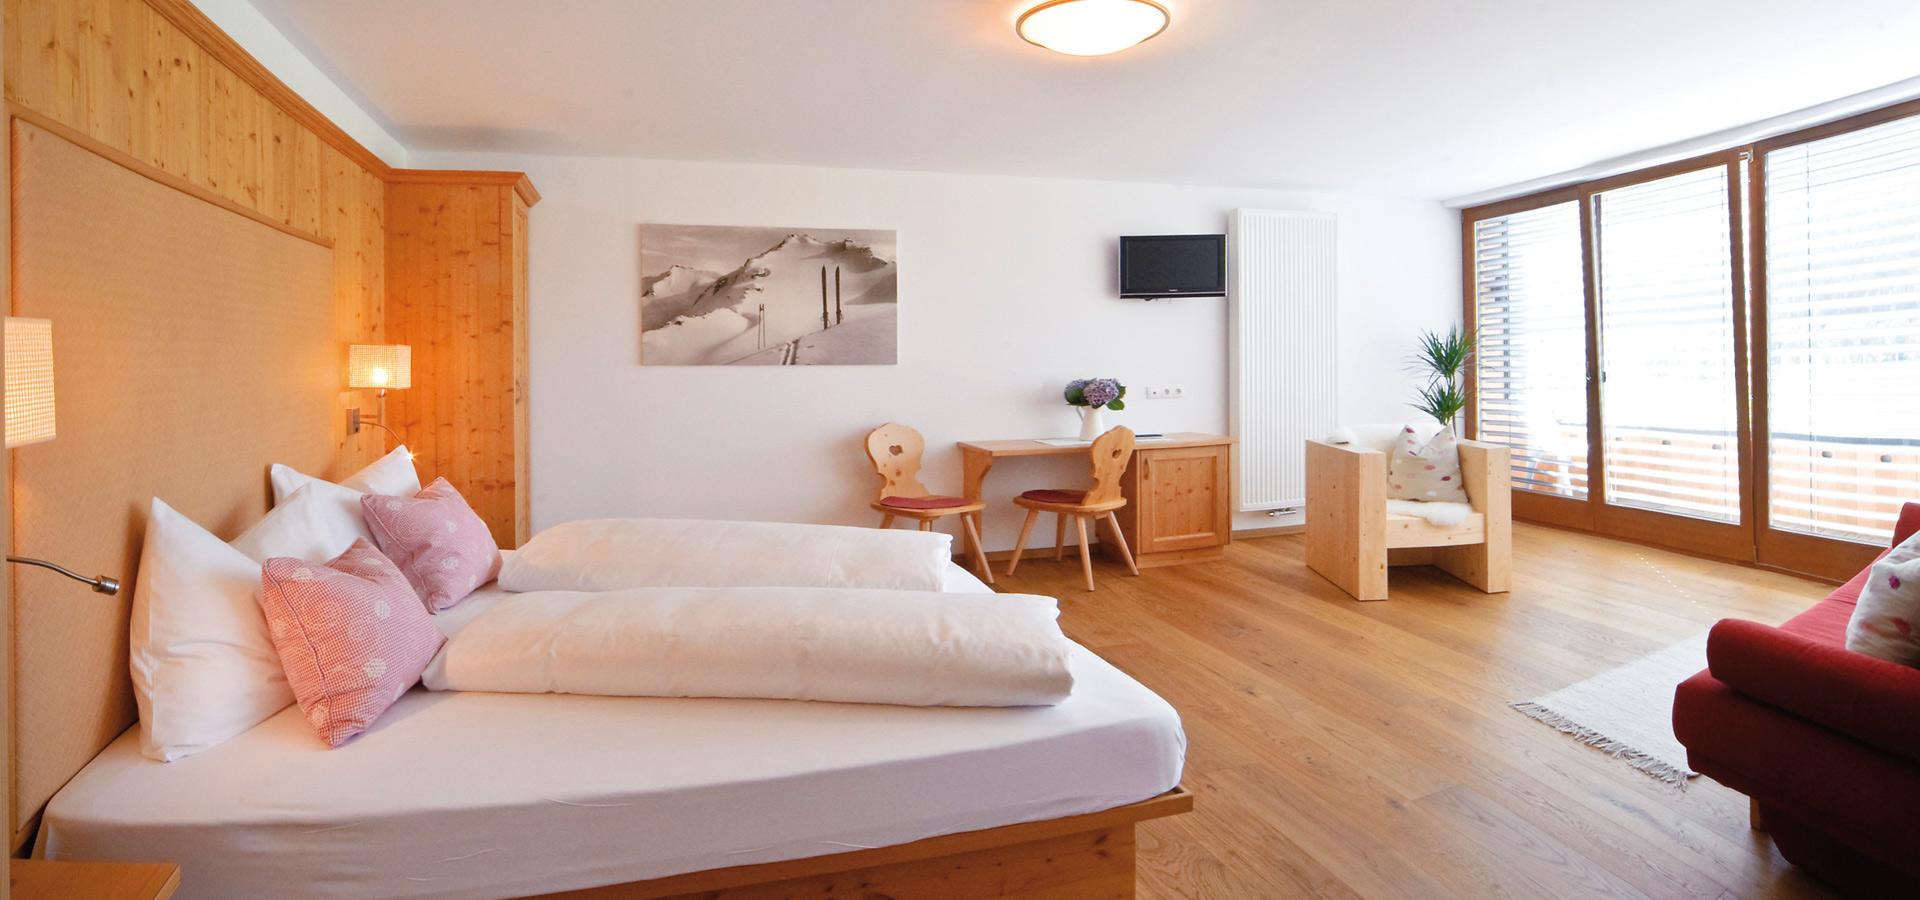 Verbringen Sie Ihren Urlaub in Innichen im Helm-Hotel - stilvolle ...